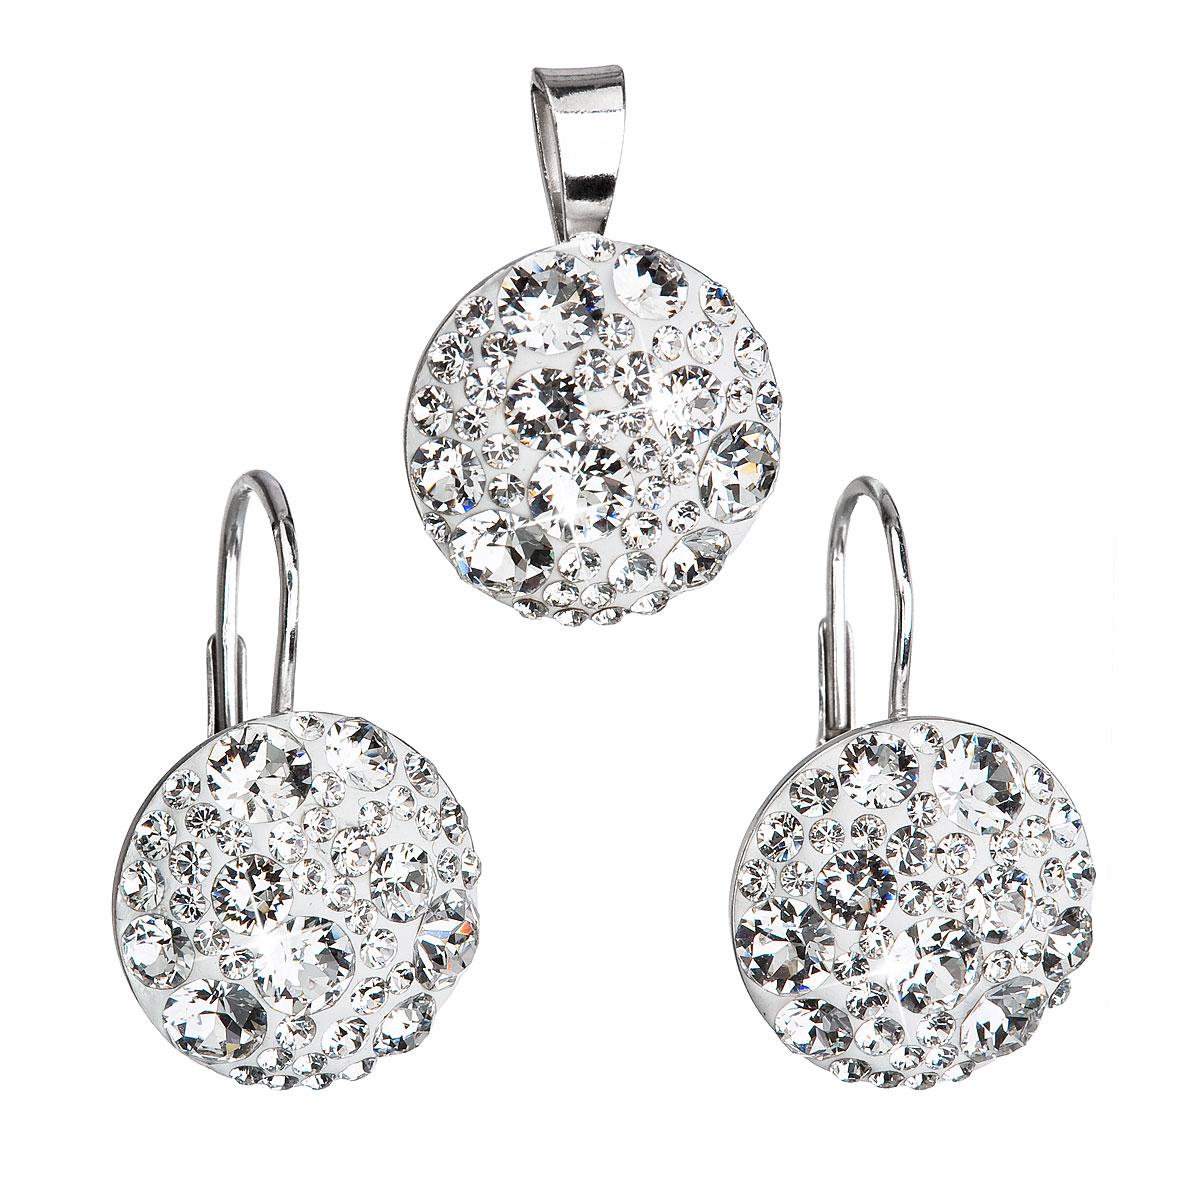 Sada šperkov s krištáľmi Swarovski náušnice a prívesok biele okrúhle 39117.1